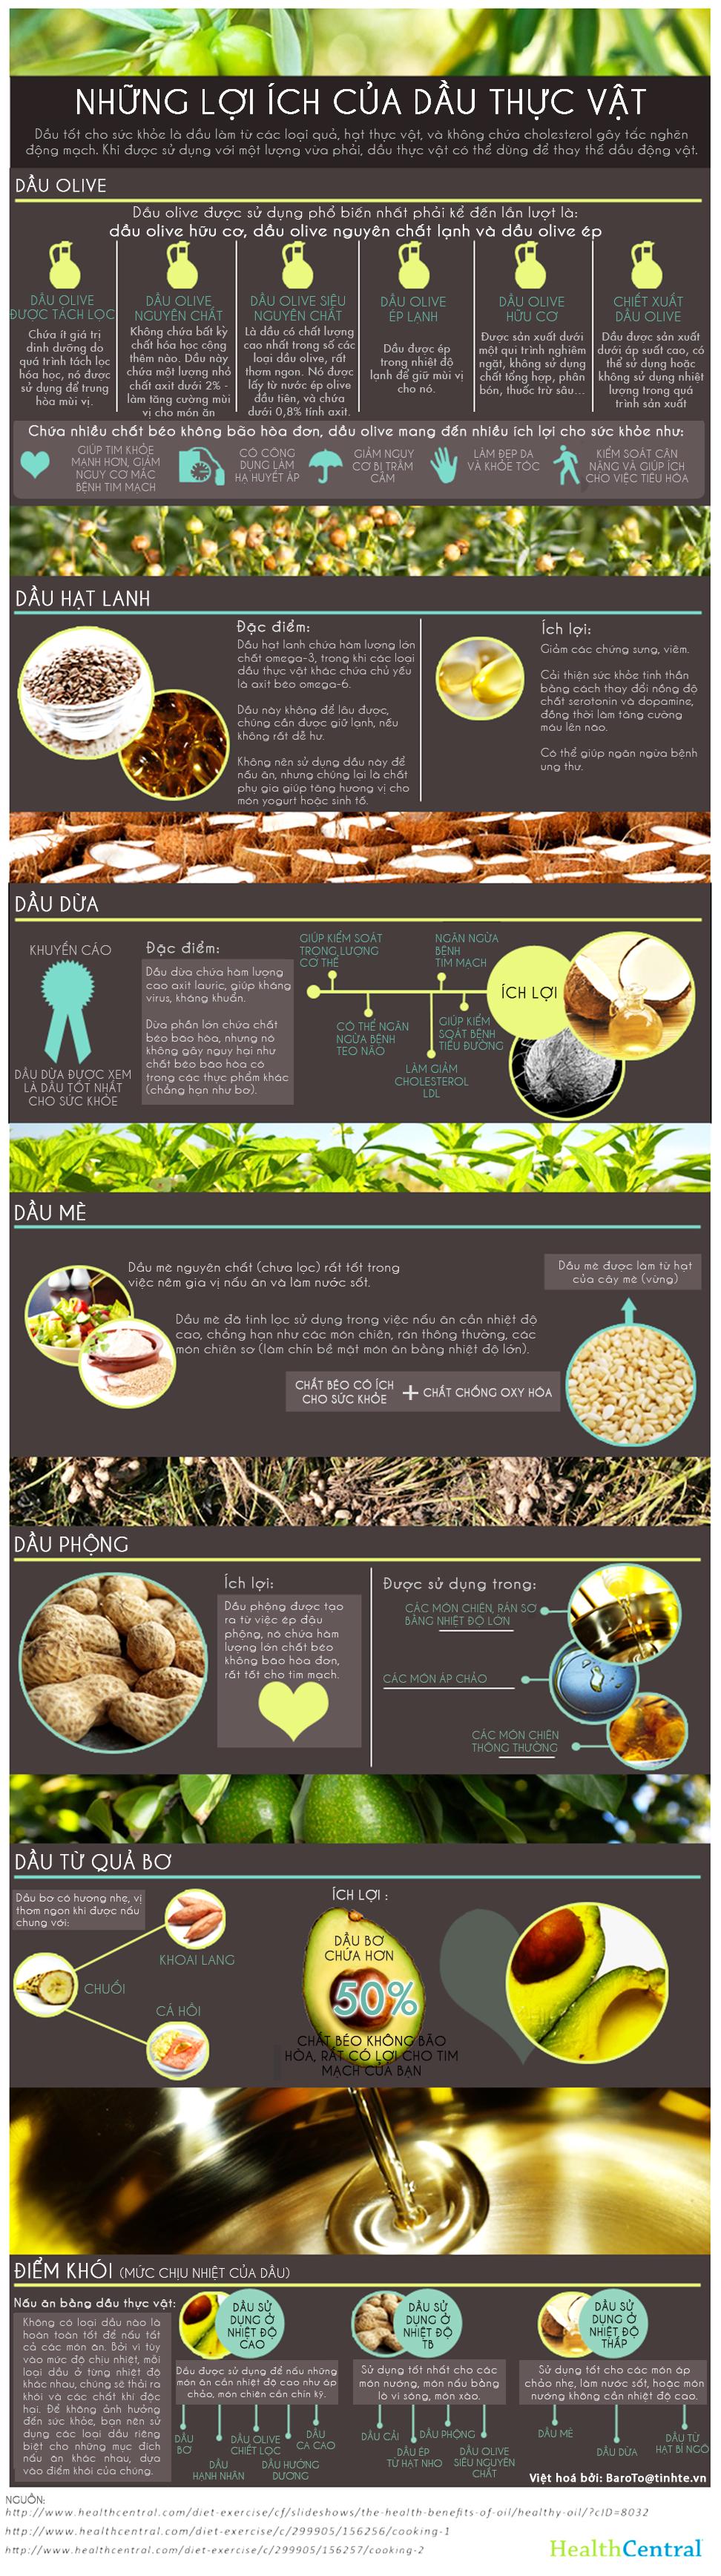 Những-lợi-ích-từ-dầu-thực-vật